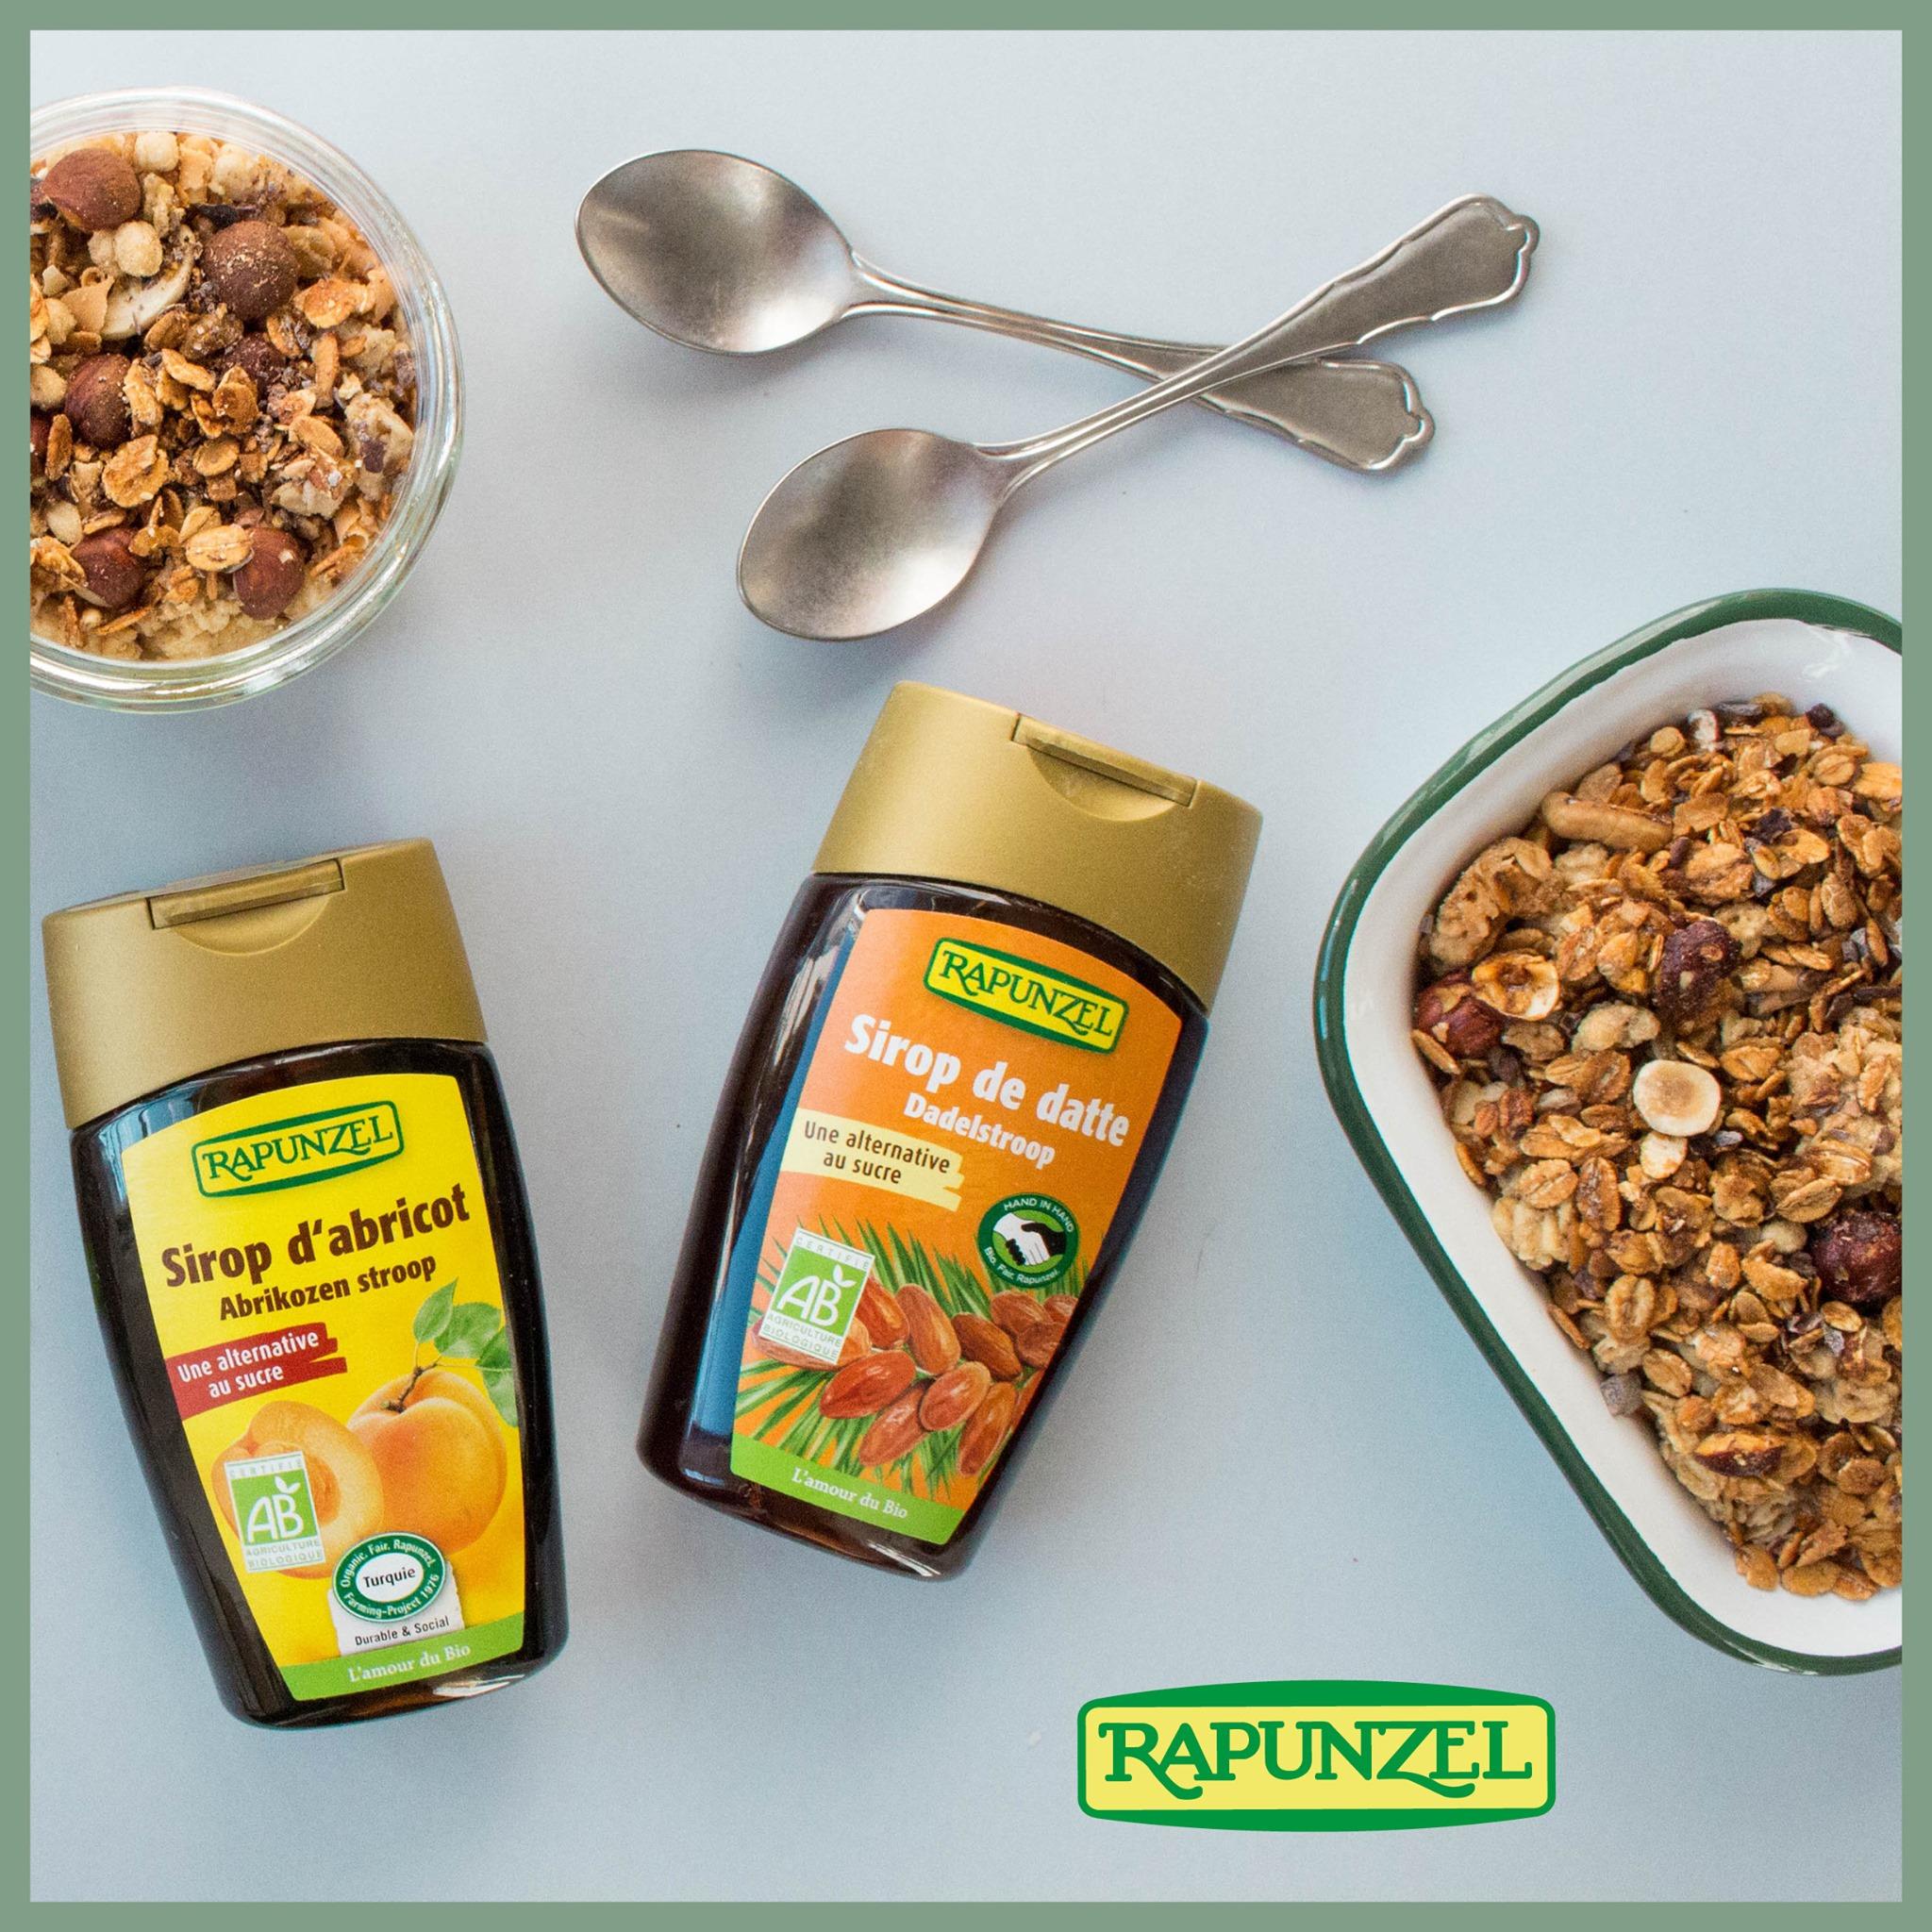 Sirops20Rapunzel - Dessirops naturels composés de fruits issus de l'agriculture biologique